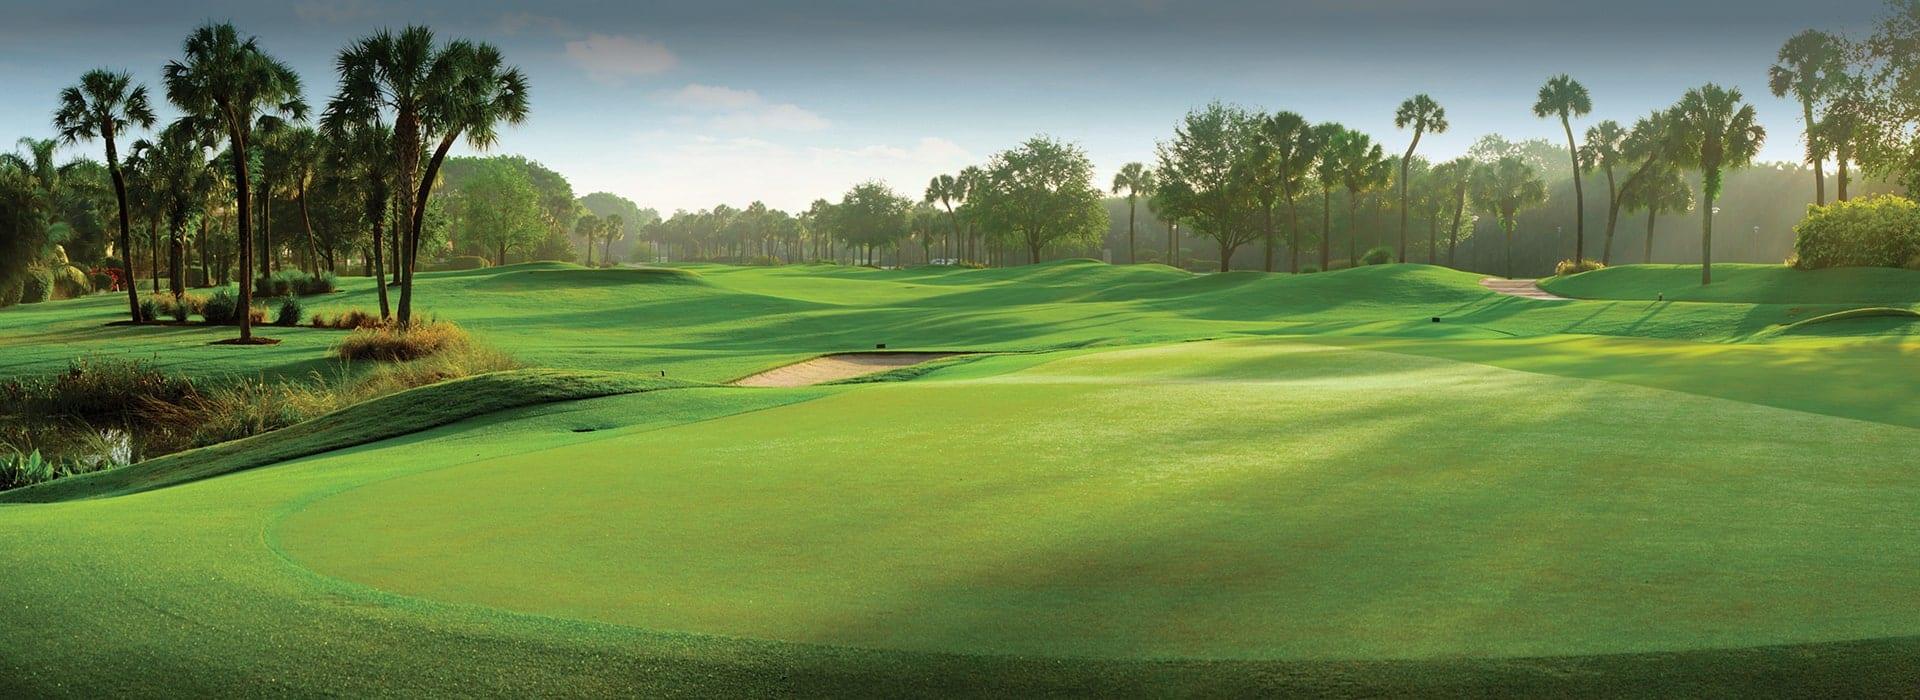 Pristine Fairway at Boca West golf course